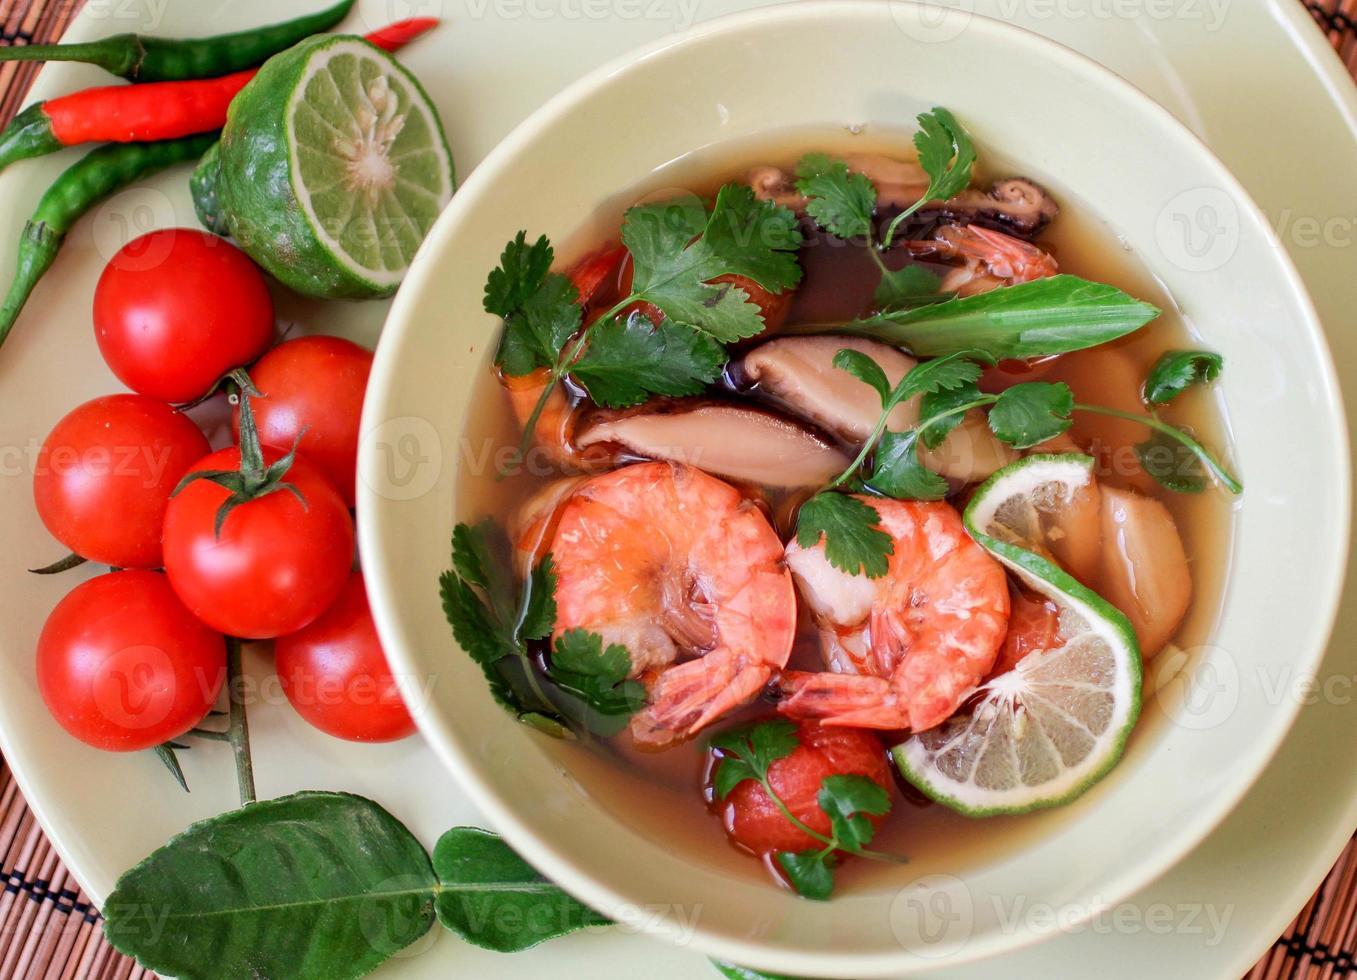 sopa de inhame tom tailandês picante tradicional foto